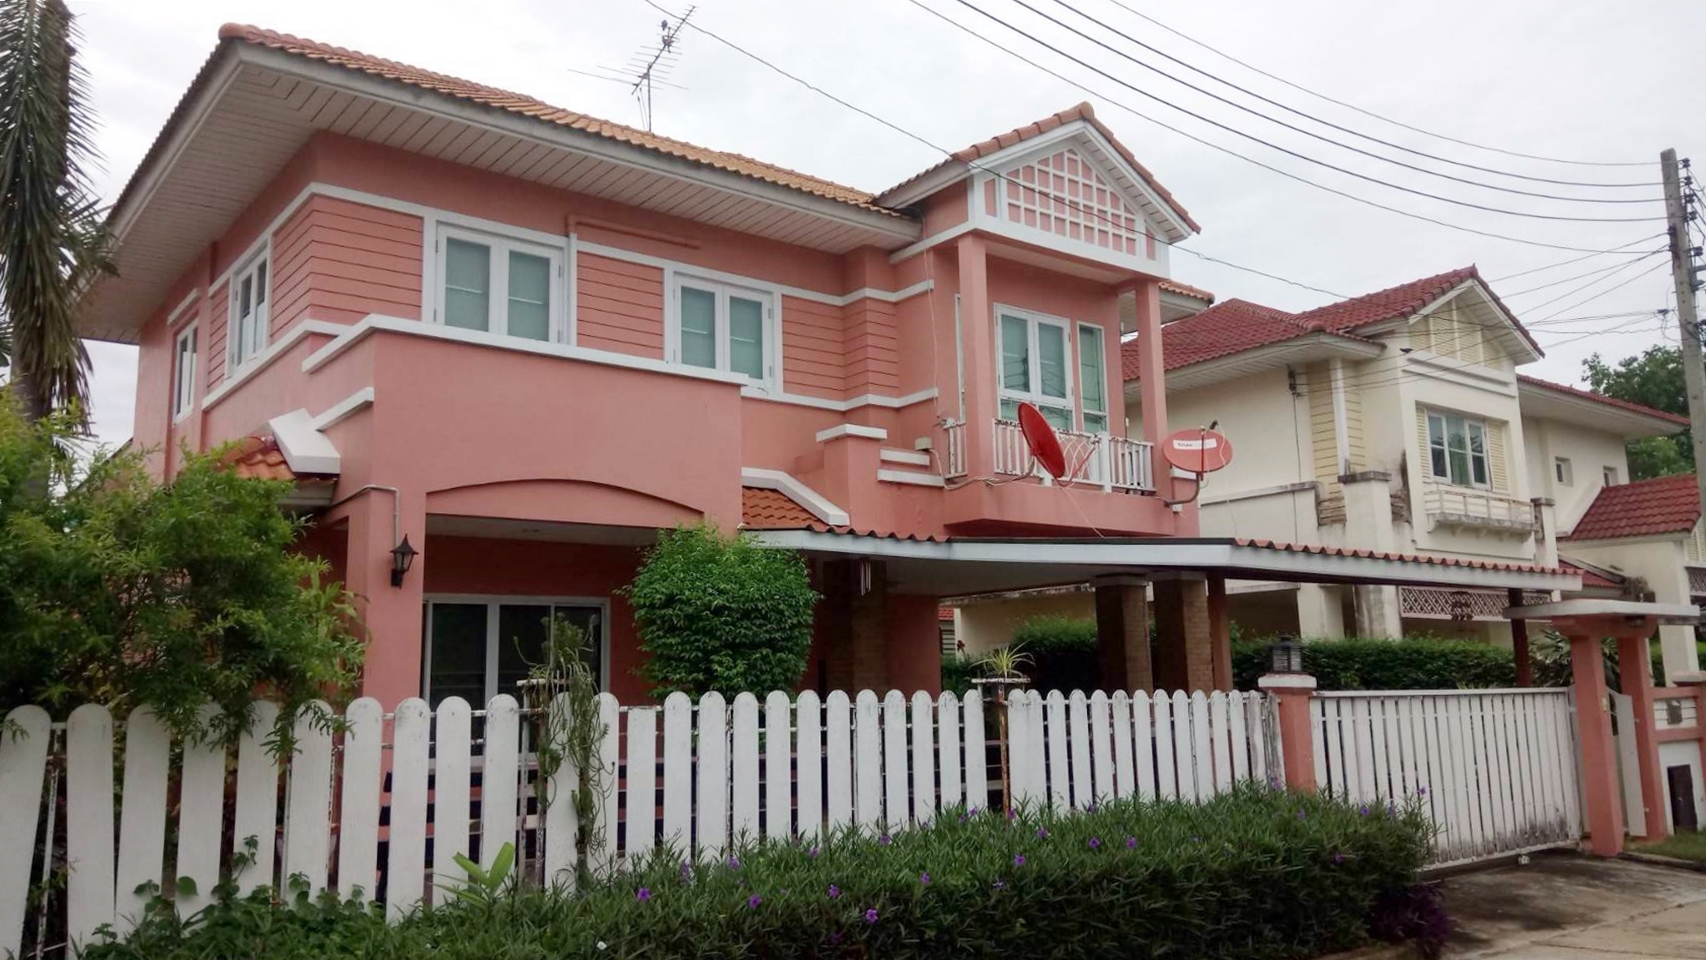 ขาย บ้านเดี่ยว หมู่บ้านมณีรินทร์ พาร์ค ปทุมธานี